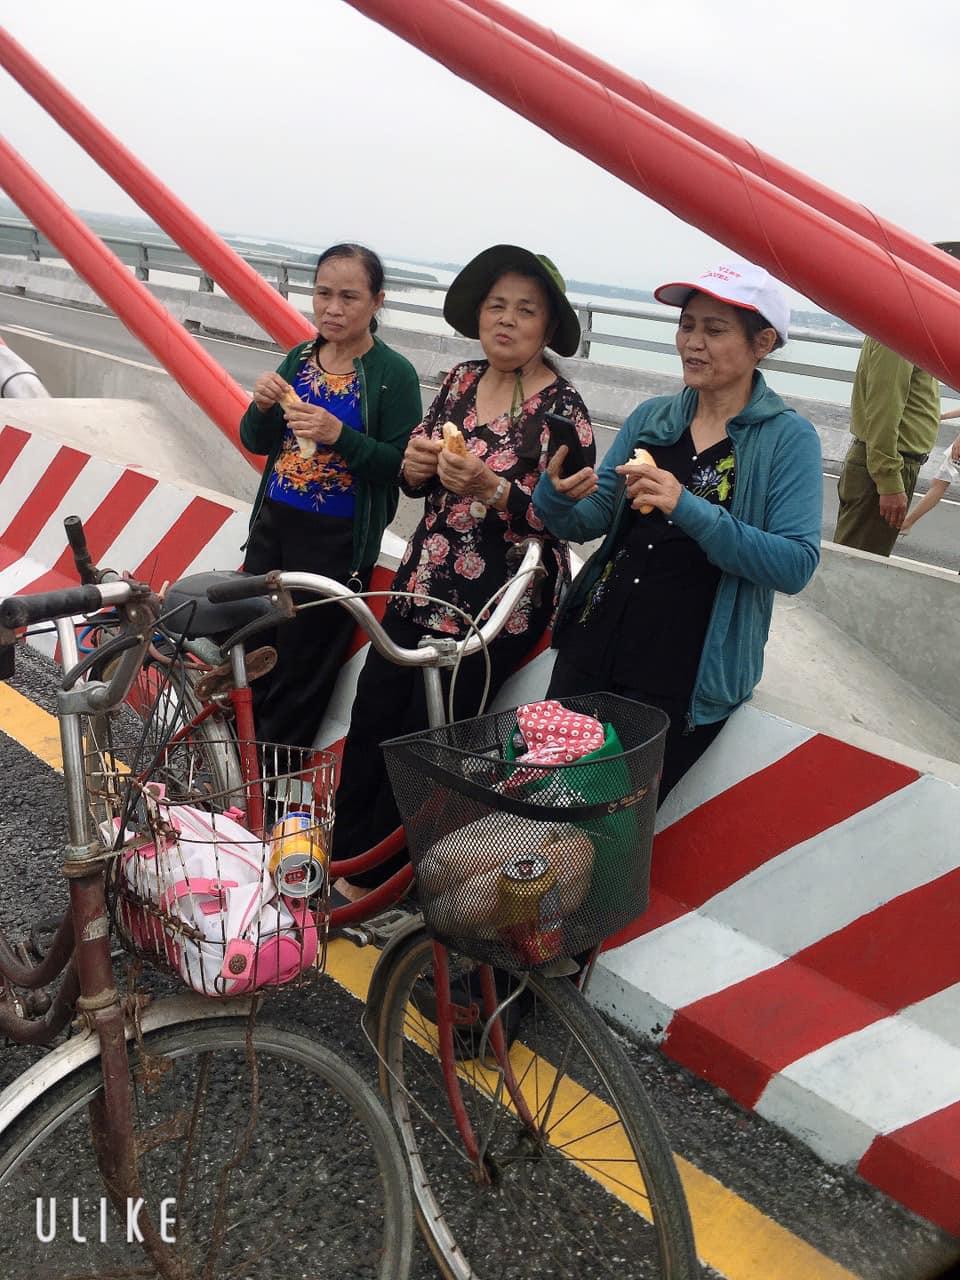 Ba cô dừng chân ăn bánh mì lót dạ trên cầu